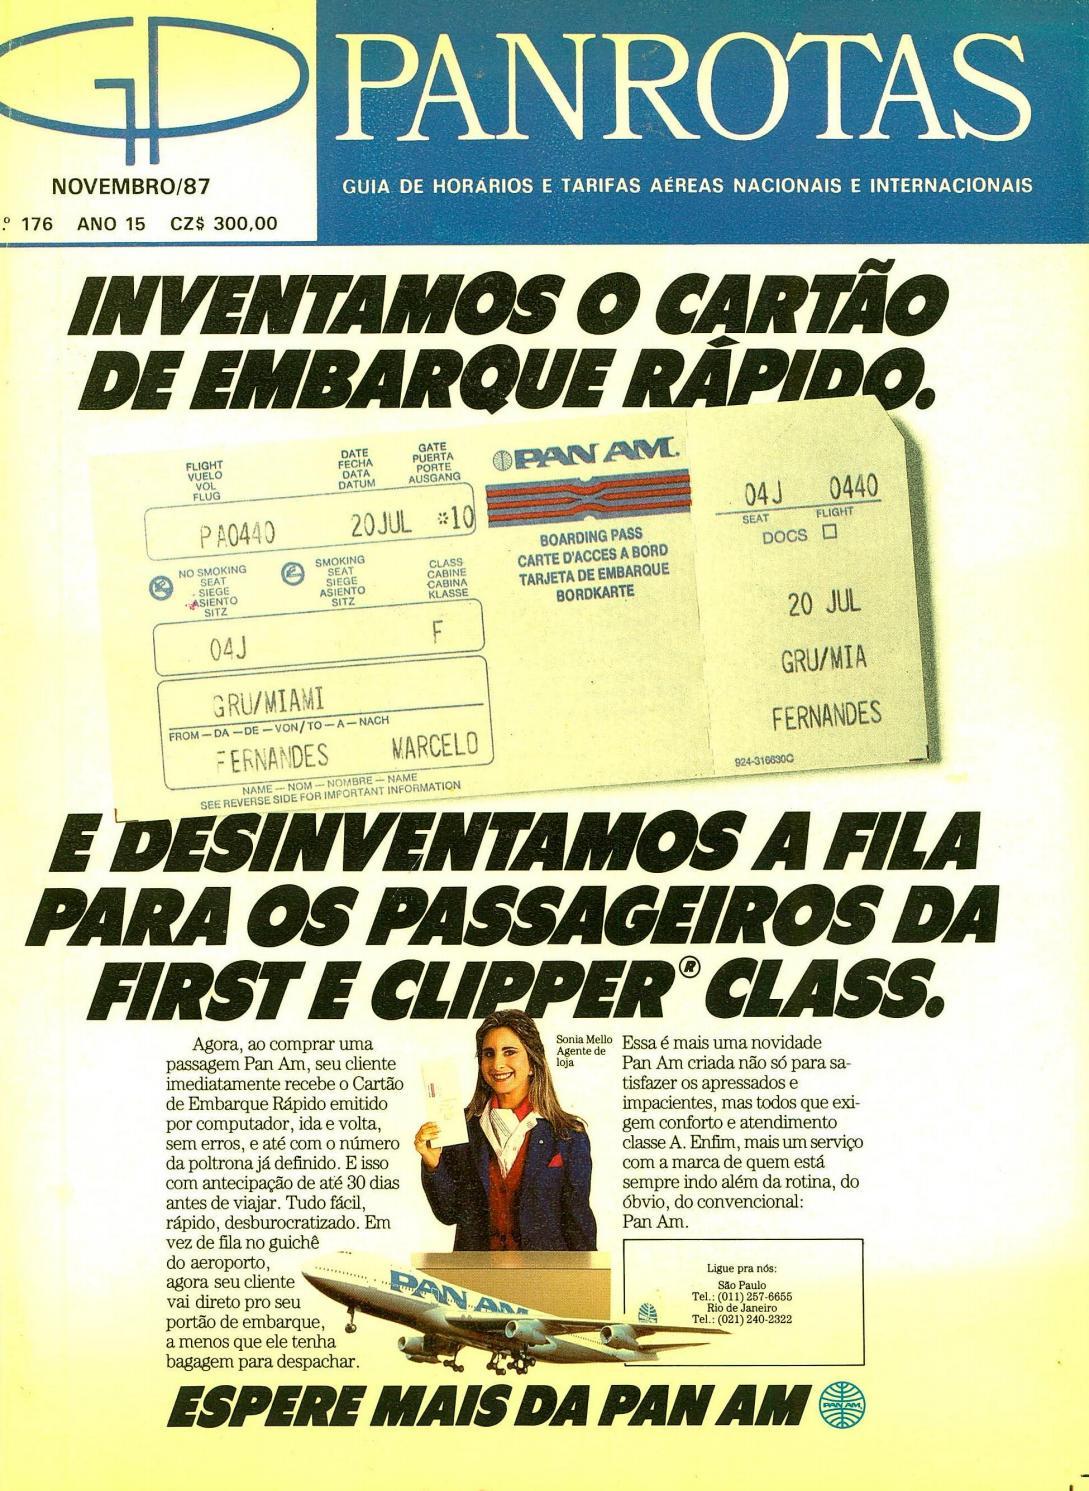 e8abe8fa92 Guia PANROTAS - Edição 176 - Novembro 1987 by PANROTAS Editora - issuu